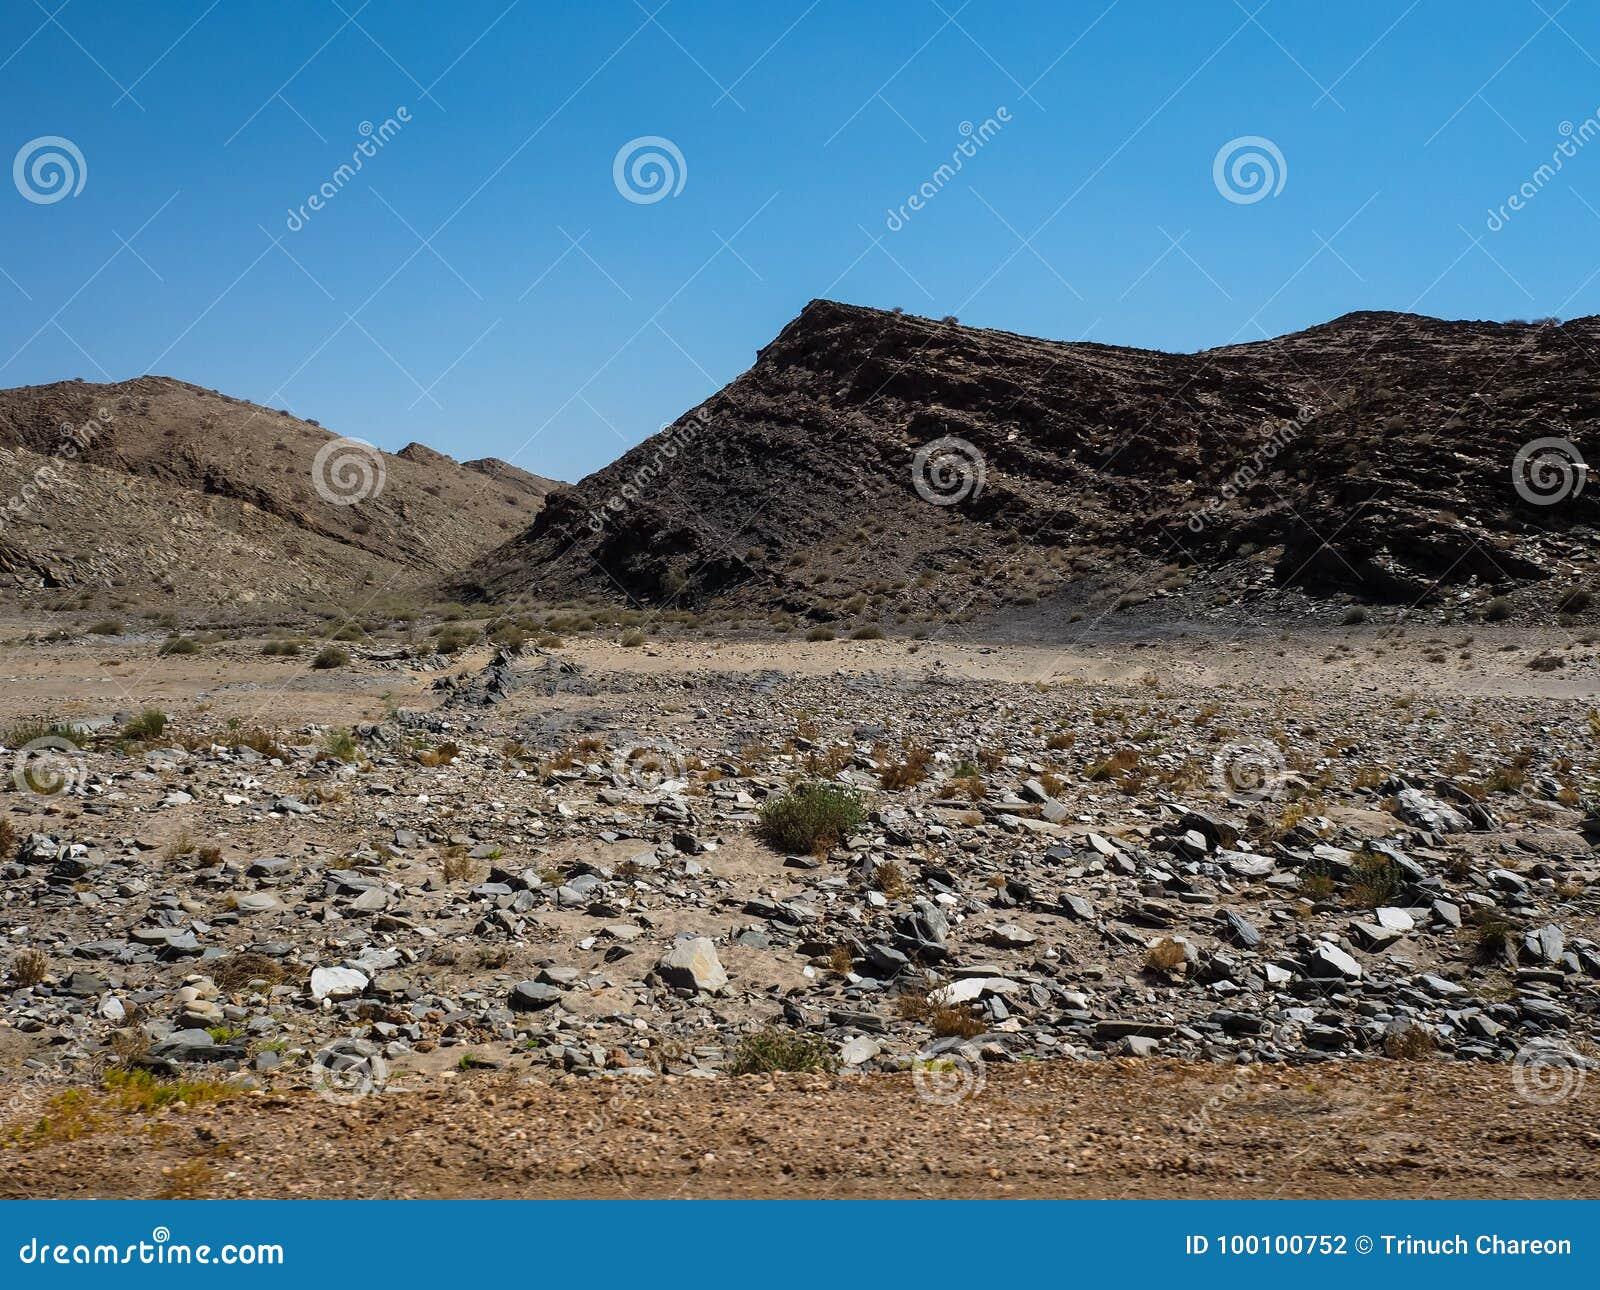 Terra approssimativa del paesaggio di siccità della montagna della roccia di geografia unica del deserto di Namib con la pianta v